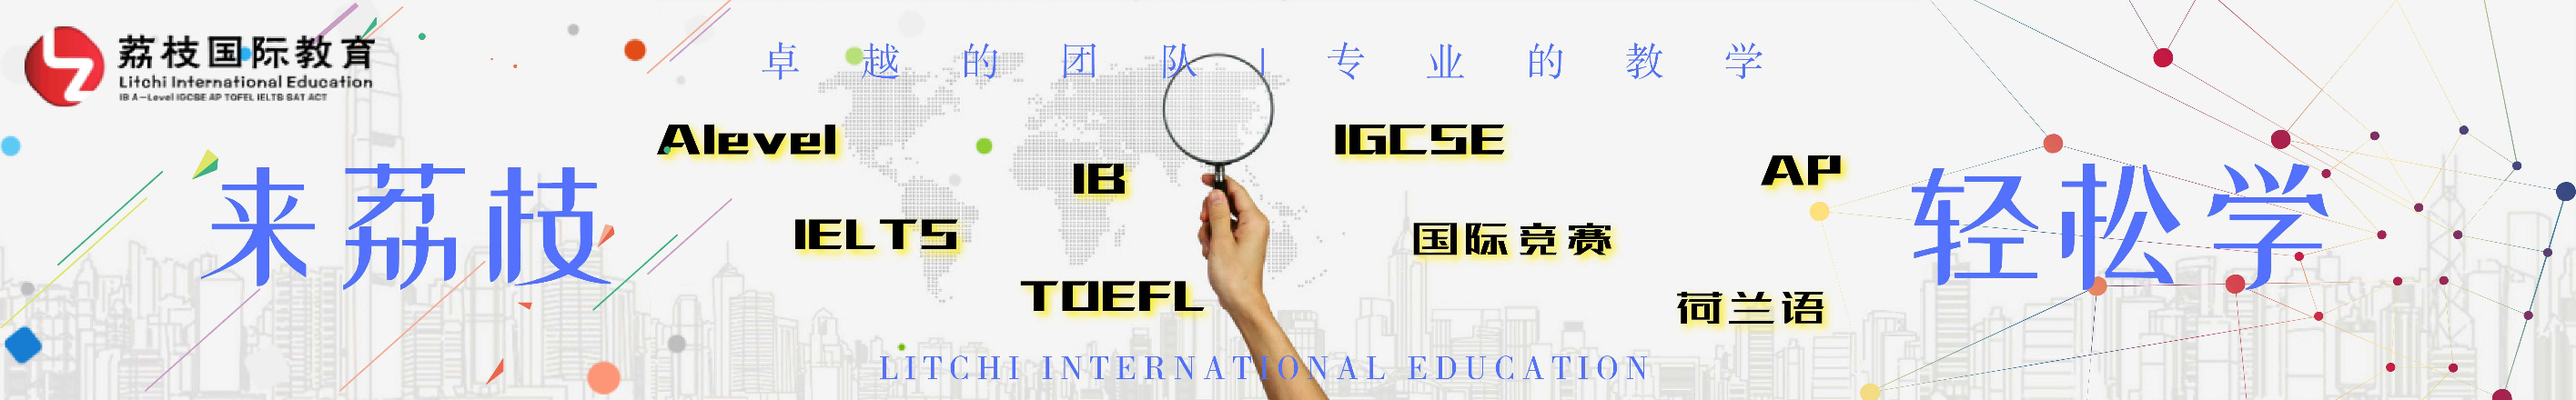 上海荔枝国际教育